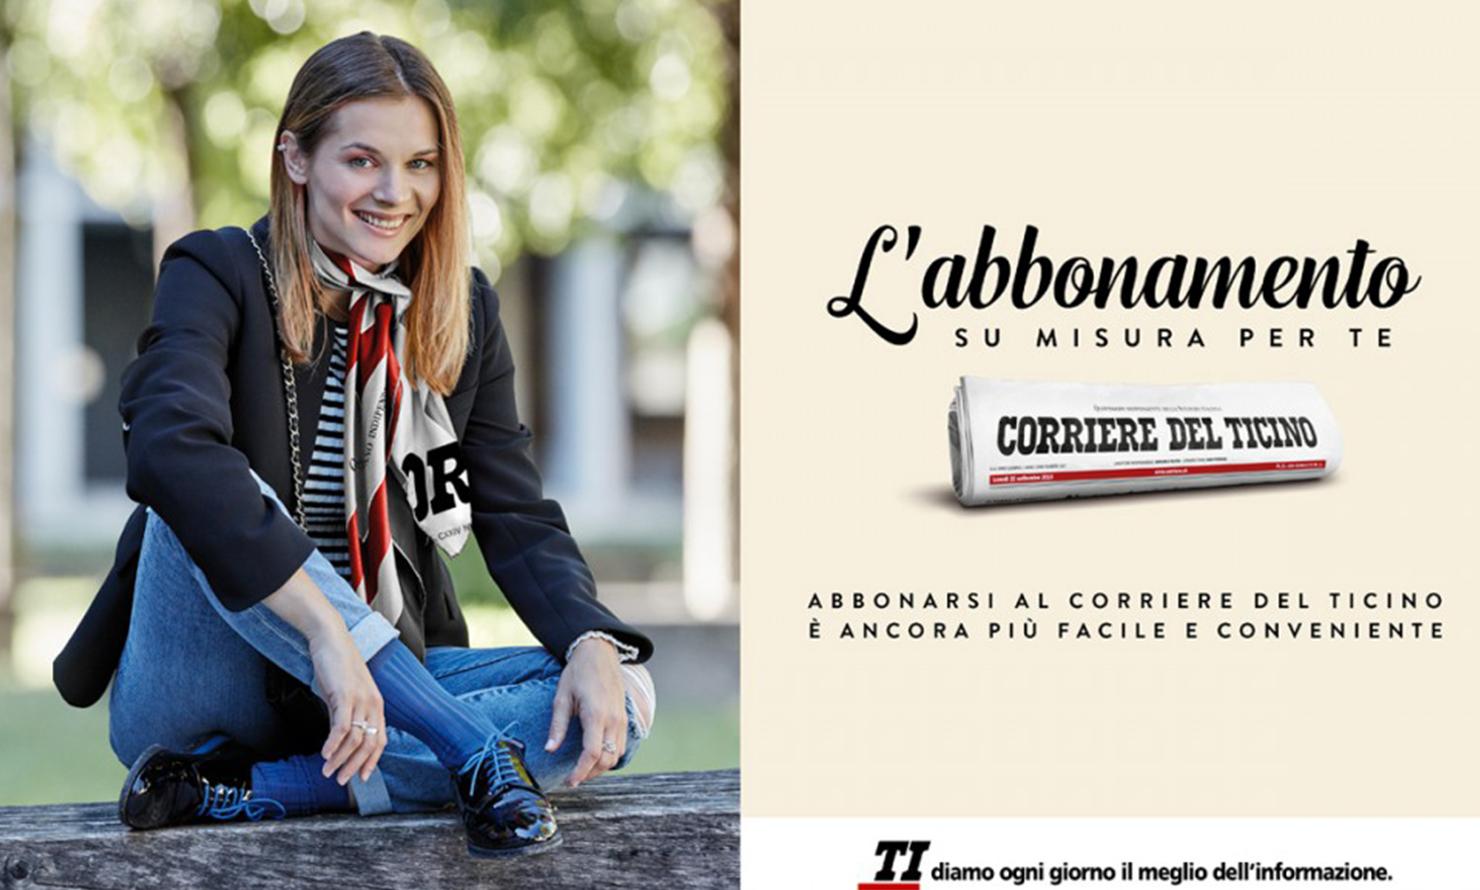 https://kubelibre.com/uploads/Slider-work-tutti-clienti/corriere-del-ticino-l-abbonamento-su-misura-per-te-3.jpg